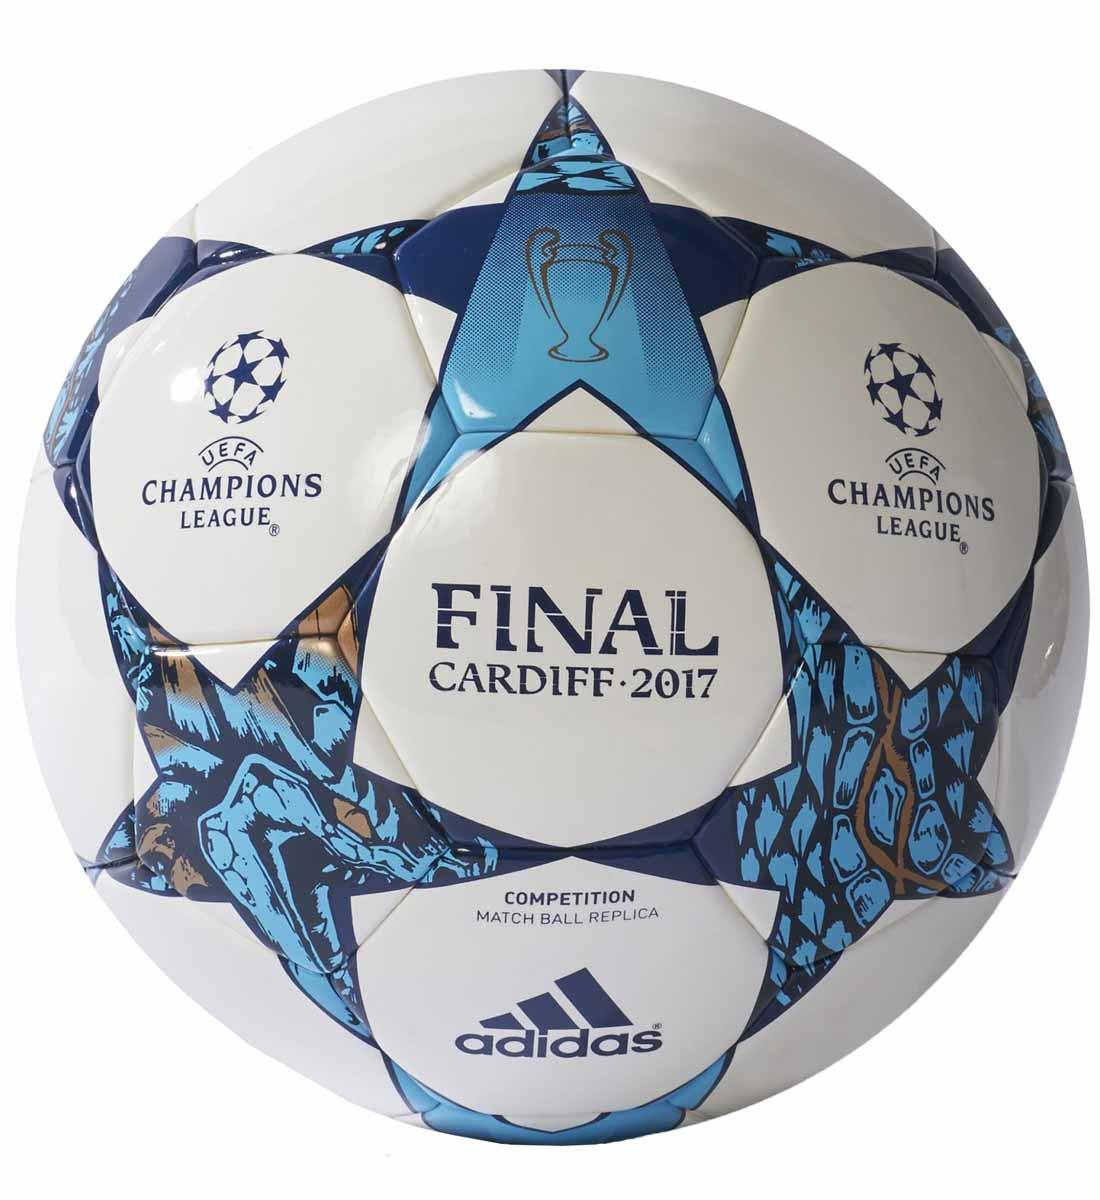 Мяч футбольный Adidas Finale Cdf Cap, цвет: белый, синий. Размер 5AZ5204Машинное плетение делает этот мяч прочным и долговечным. Бутиловый пузырь придет равномерное давление по всей поверхности. Украшен логотипом кубка конфедераций 2017.